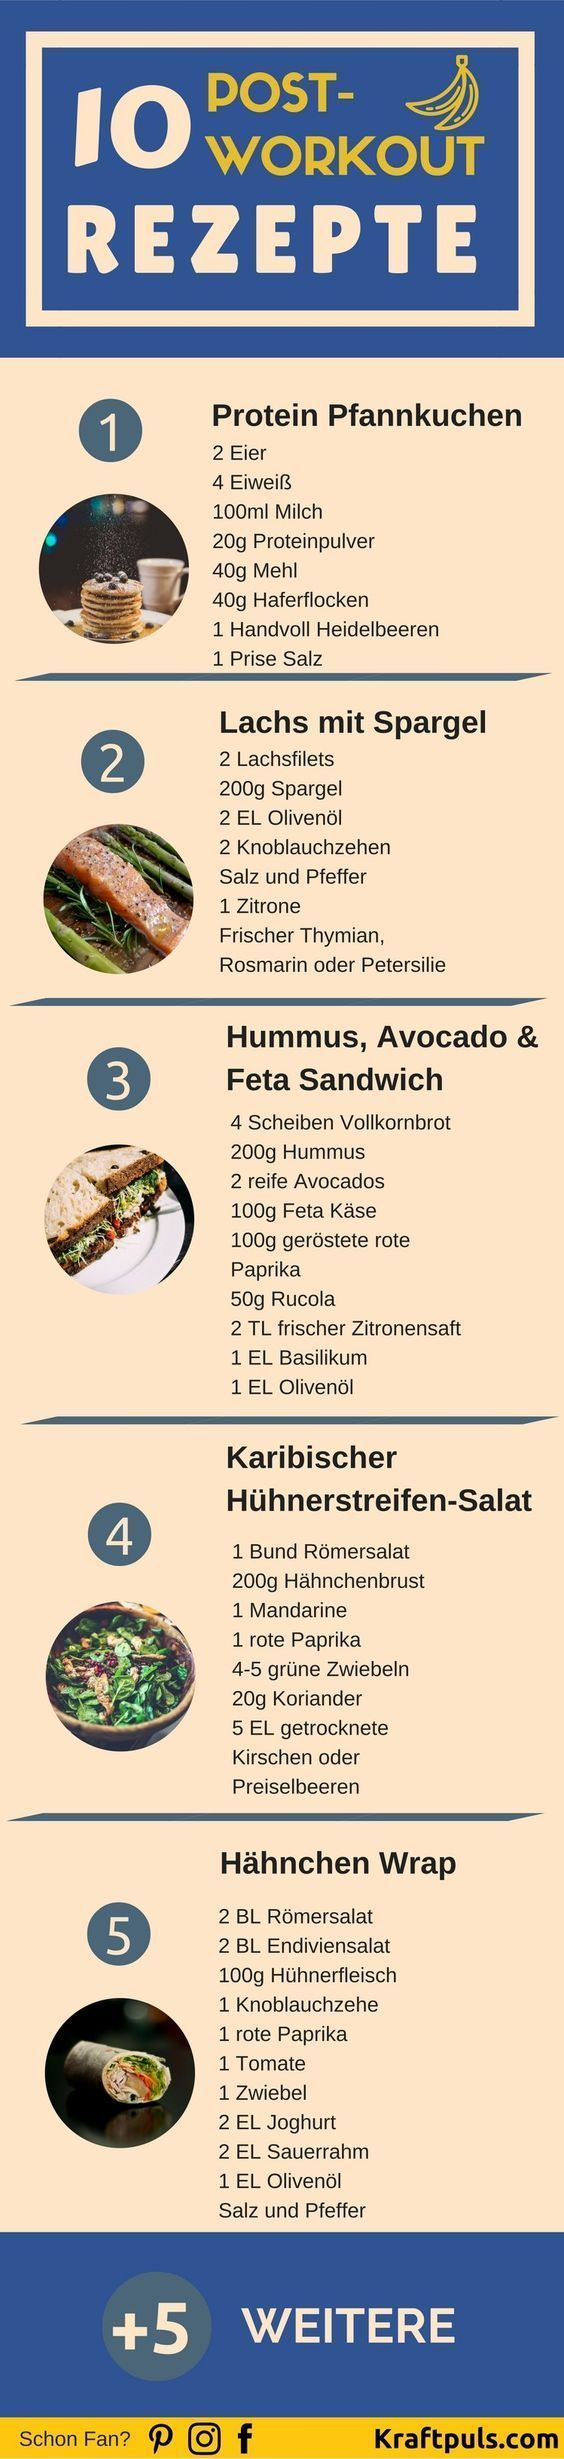 !!!!!!Post-Workout Rezepte: Das richtige Essen nach dem Training ❤ Hier 10 Rezepte für die optimale Ernährung nach dem Sport ❤ #fitness #ernährung #deutsch